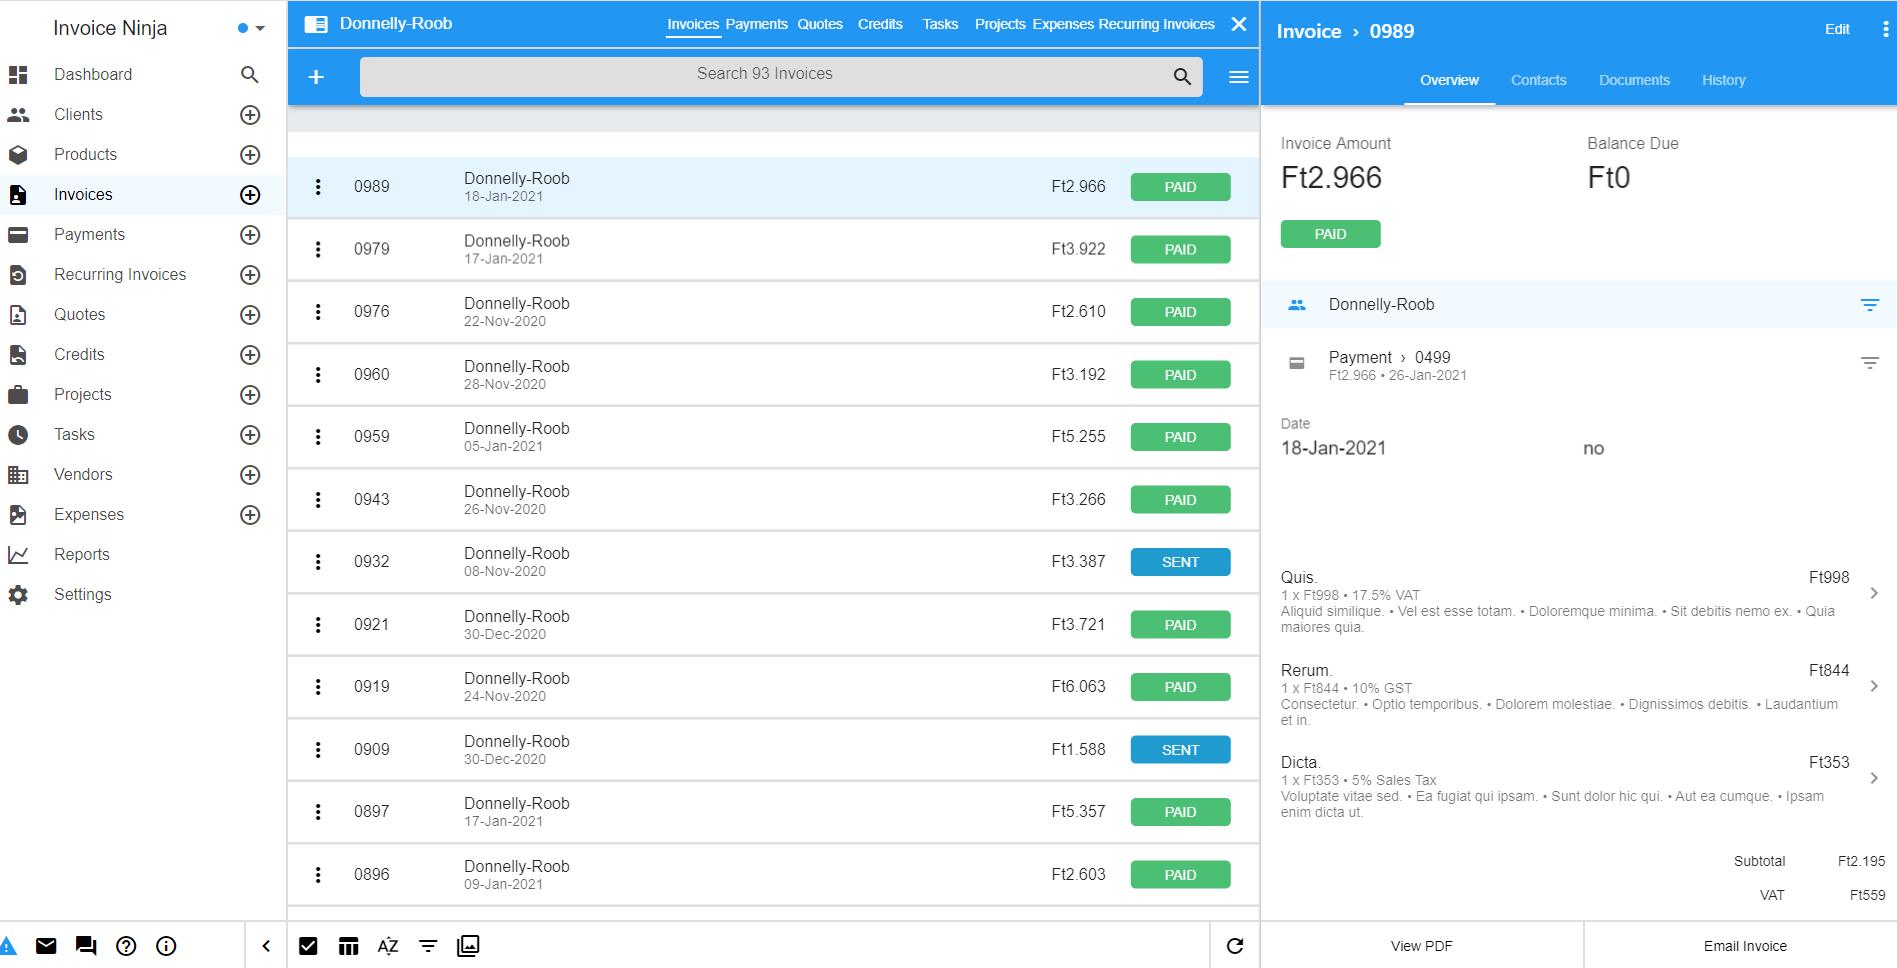 Invoice Ninja v5 Screenshot 1